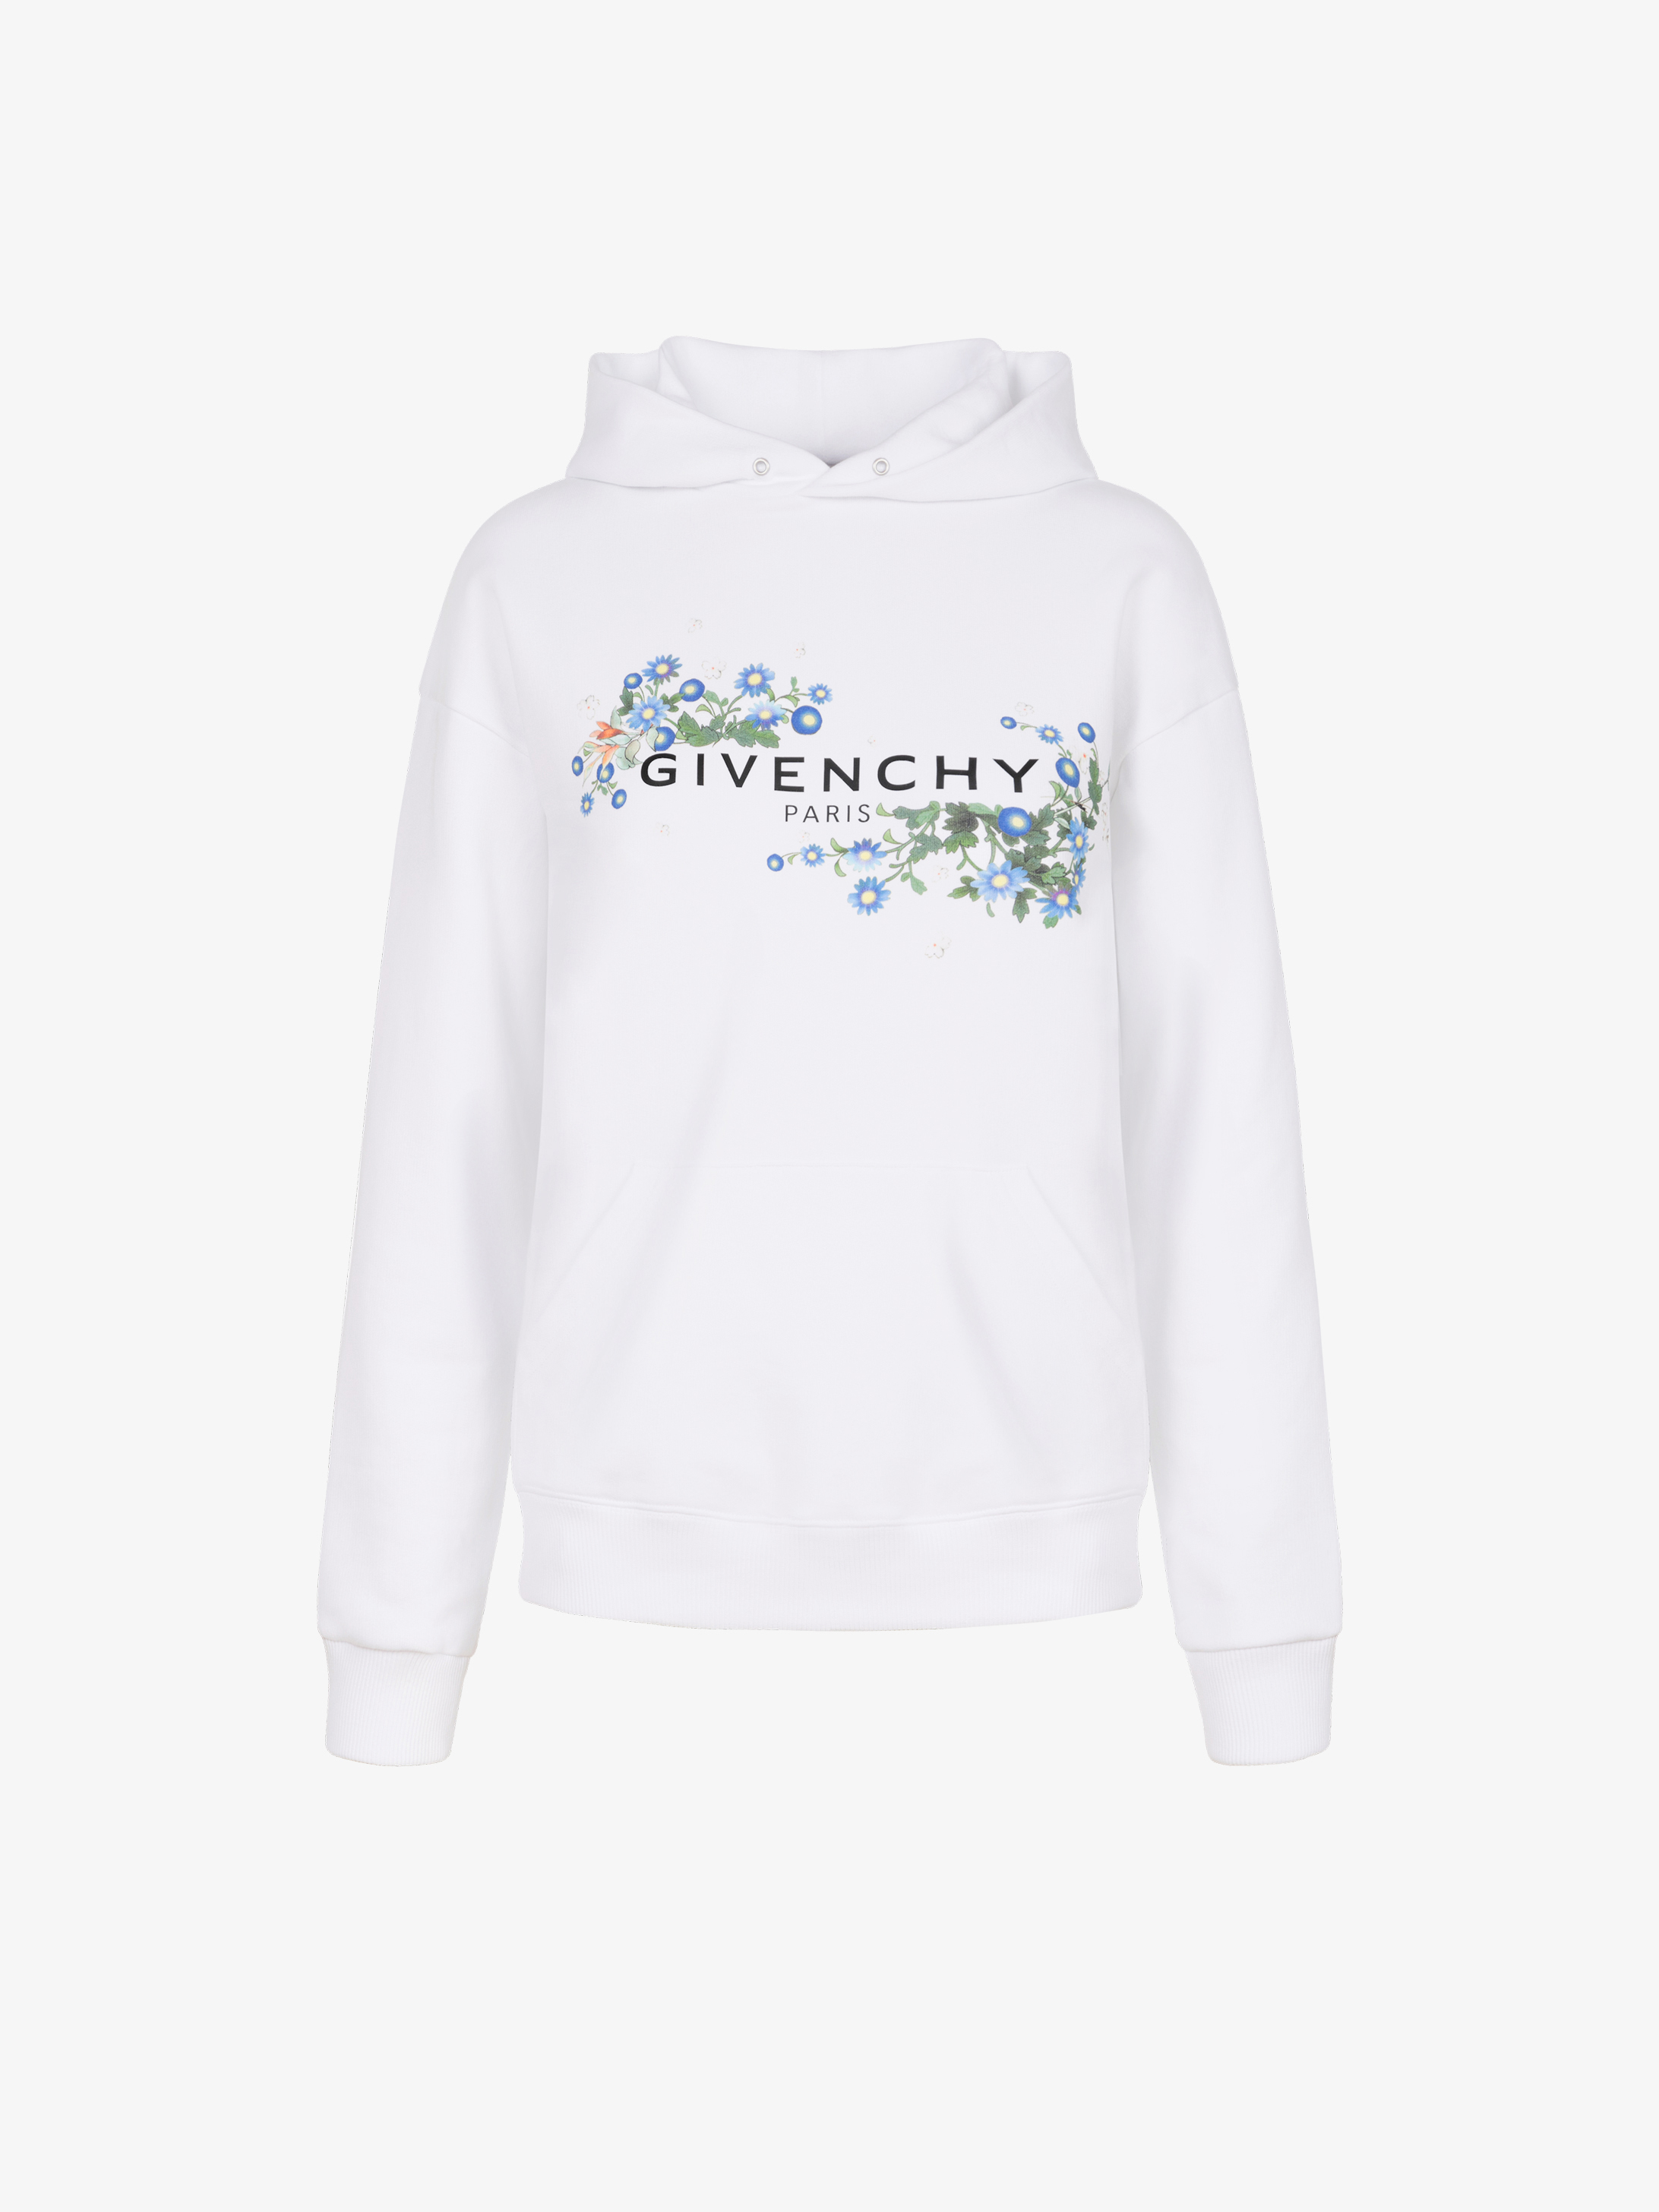 GIVENCHY PARIS floral printed hoodie